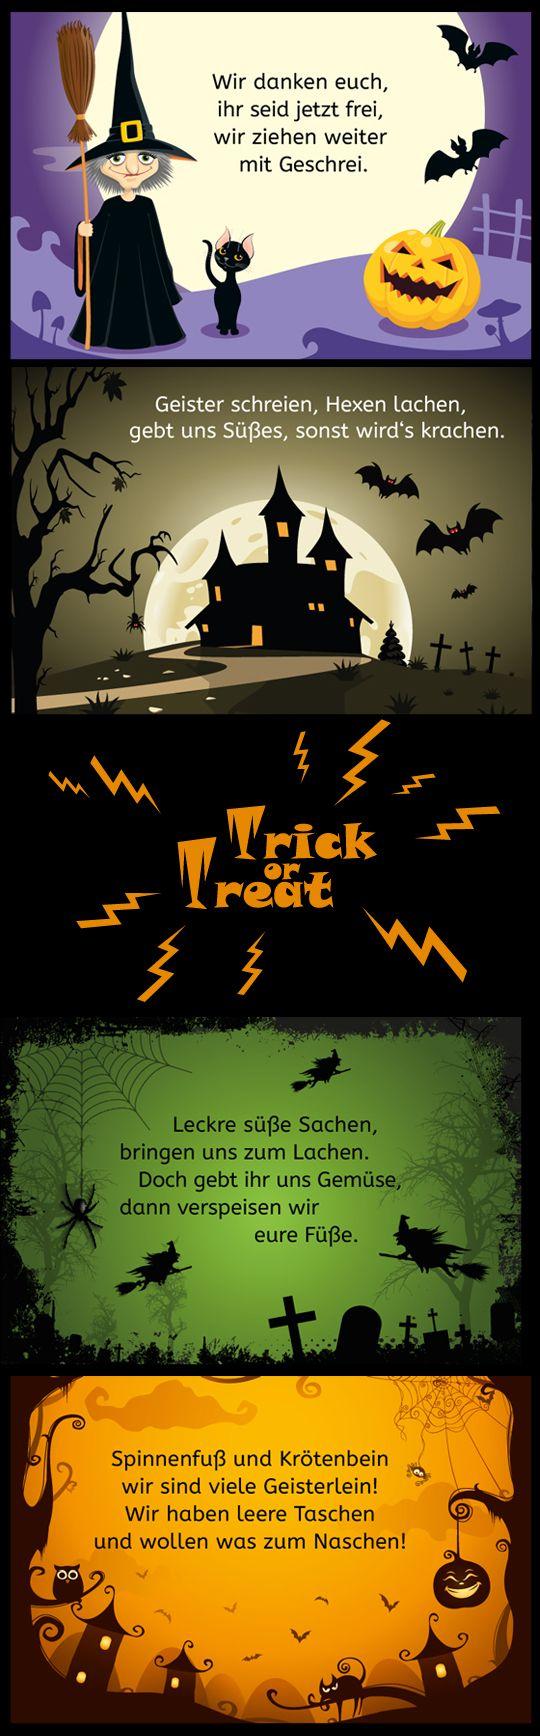 Schnell Noch Auswendig Lernen Halloween Sprüche Für Die Süßigkeiten